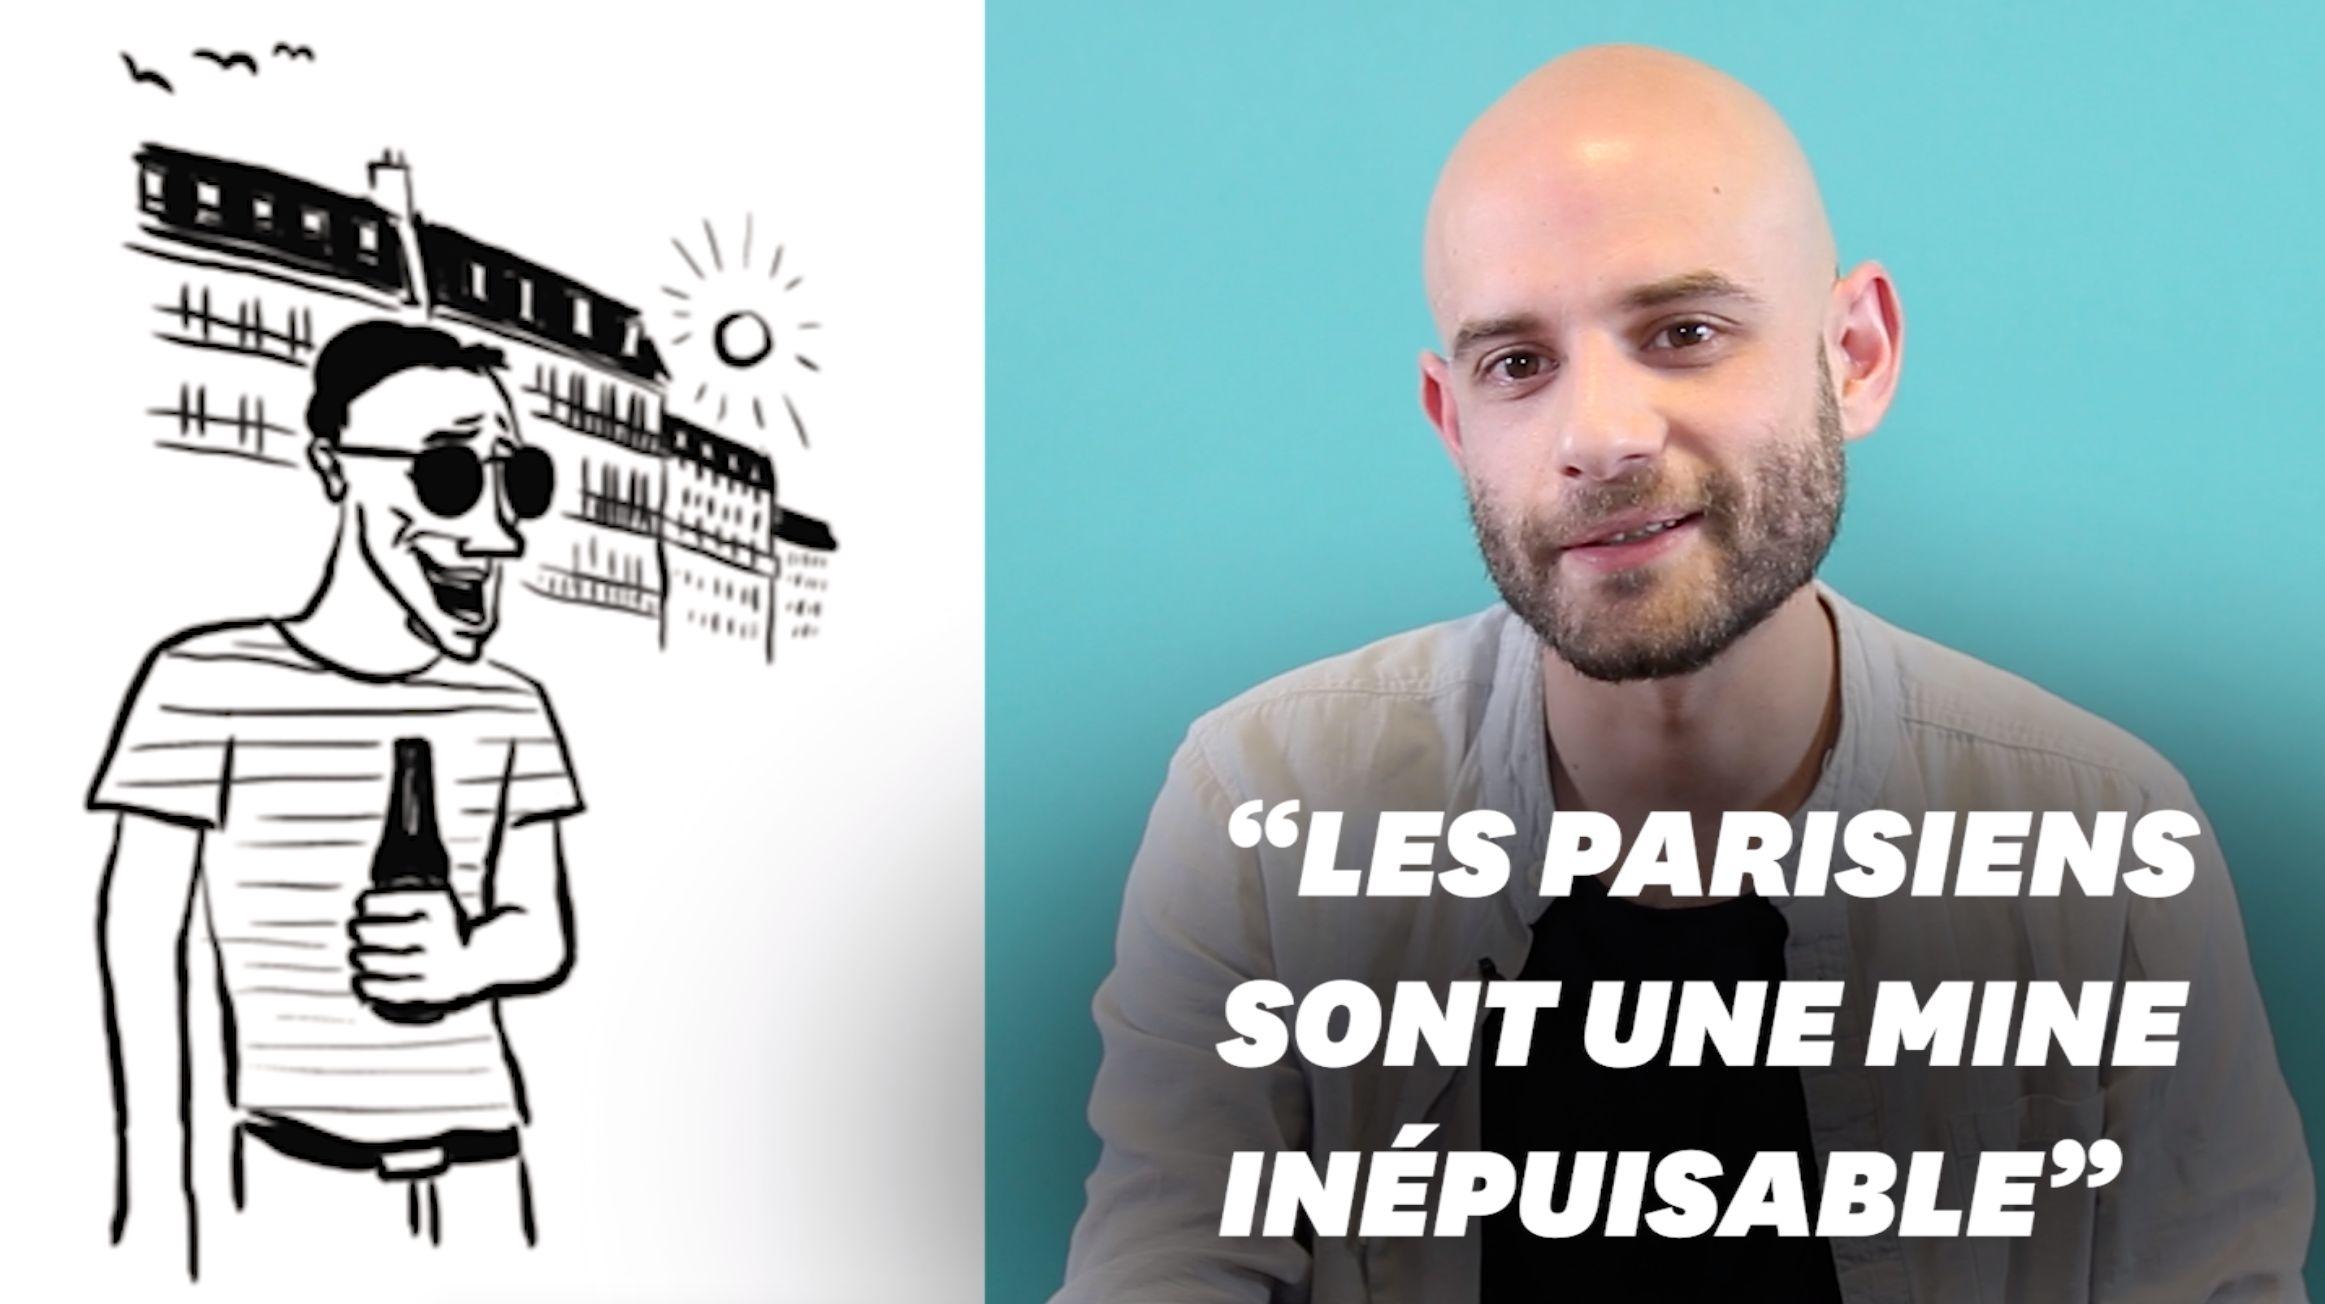 Ce dessinateur a passé les Parisiens à la